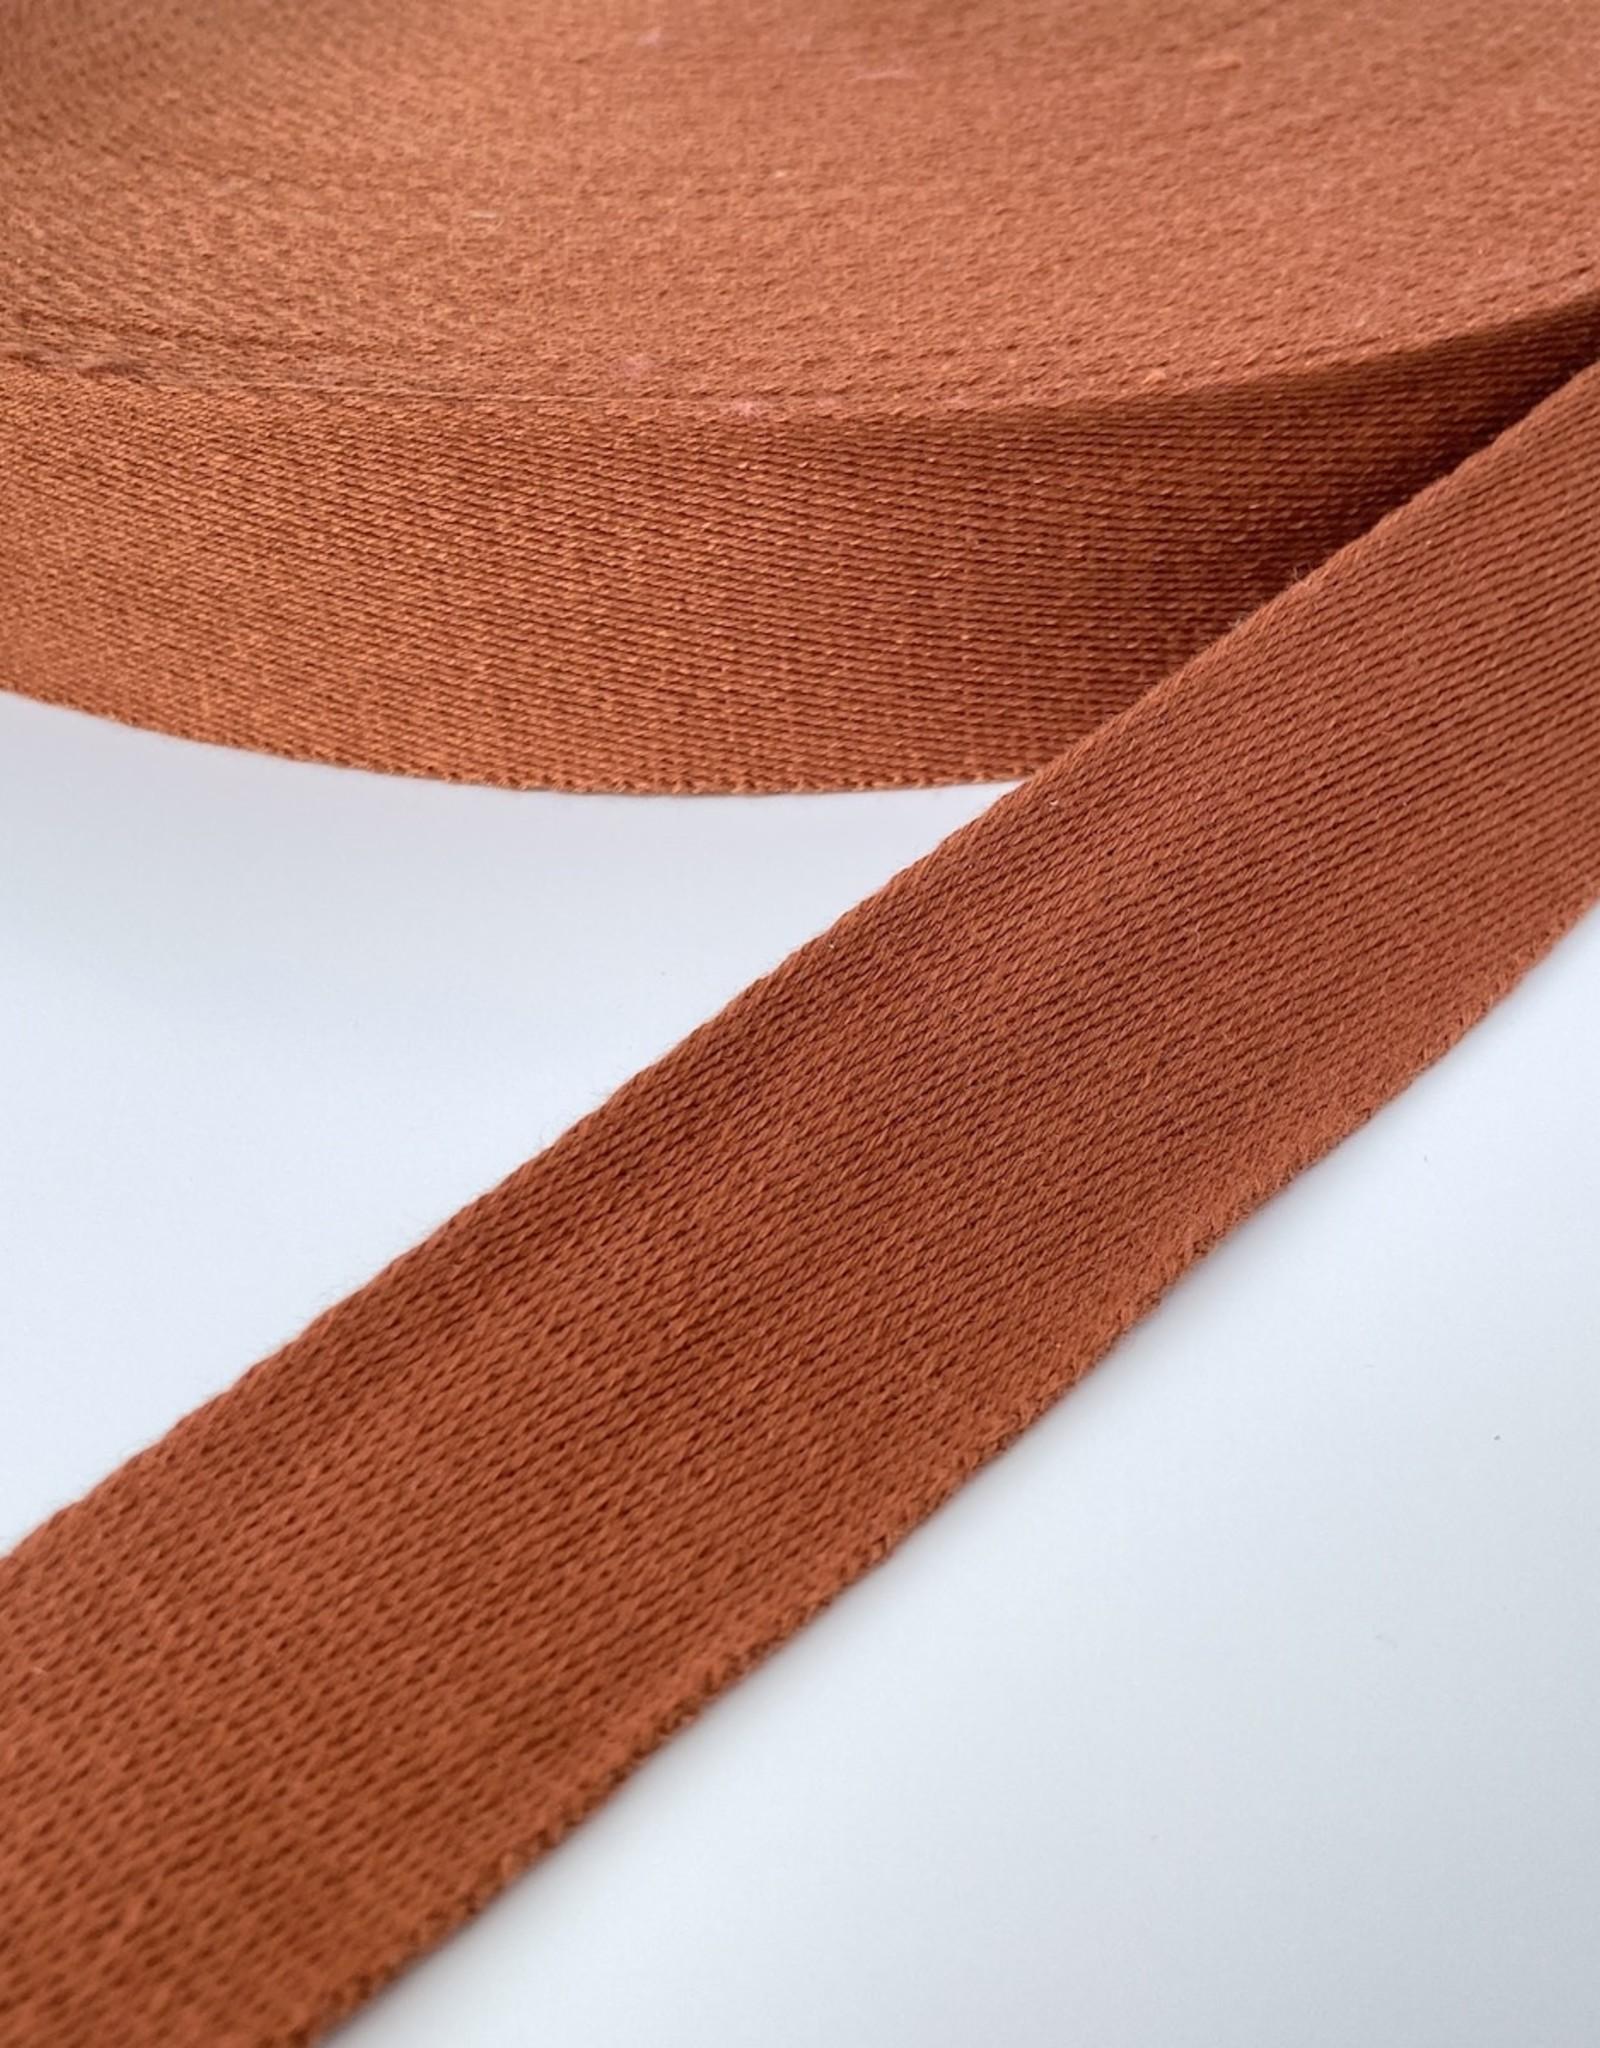 Tassenband - Steenrood